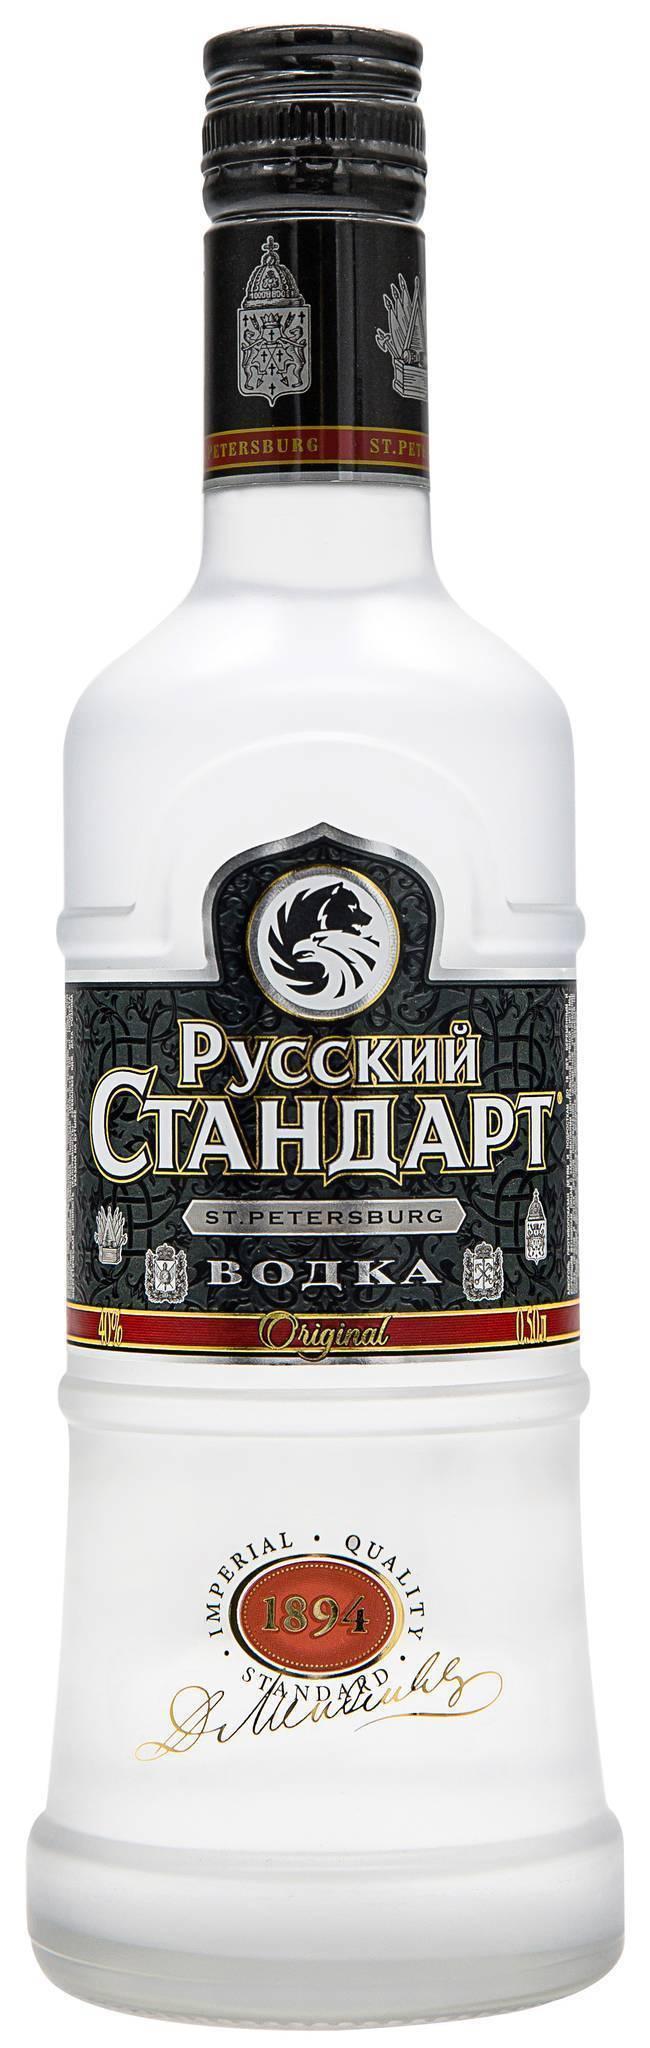 Водка русский стандарт: состав, производитель, ориджинал и другие разновидности напитка, особенности изготовления